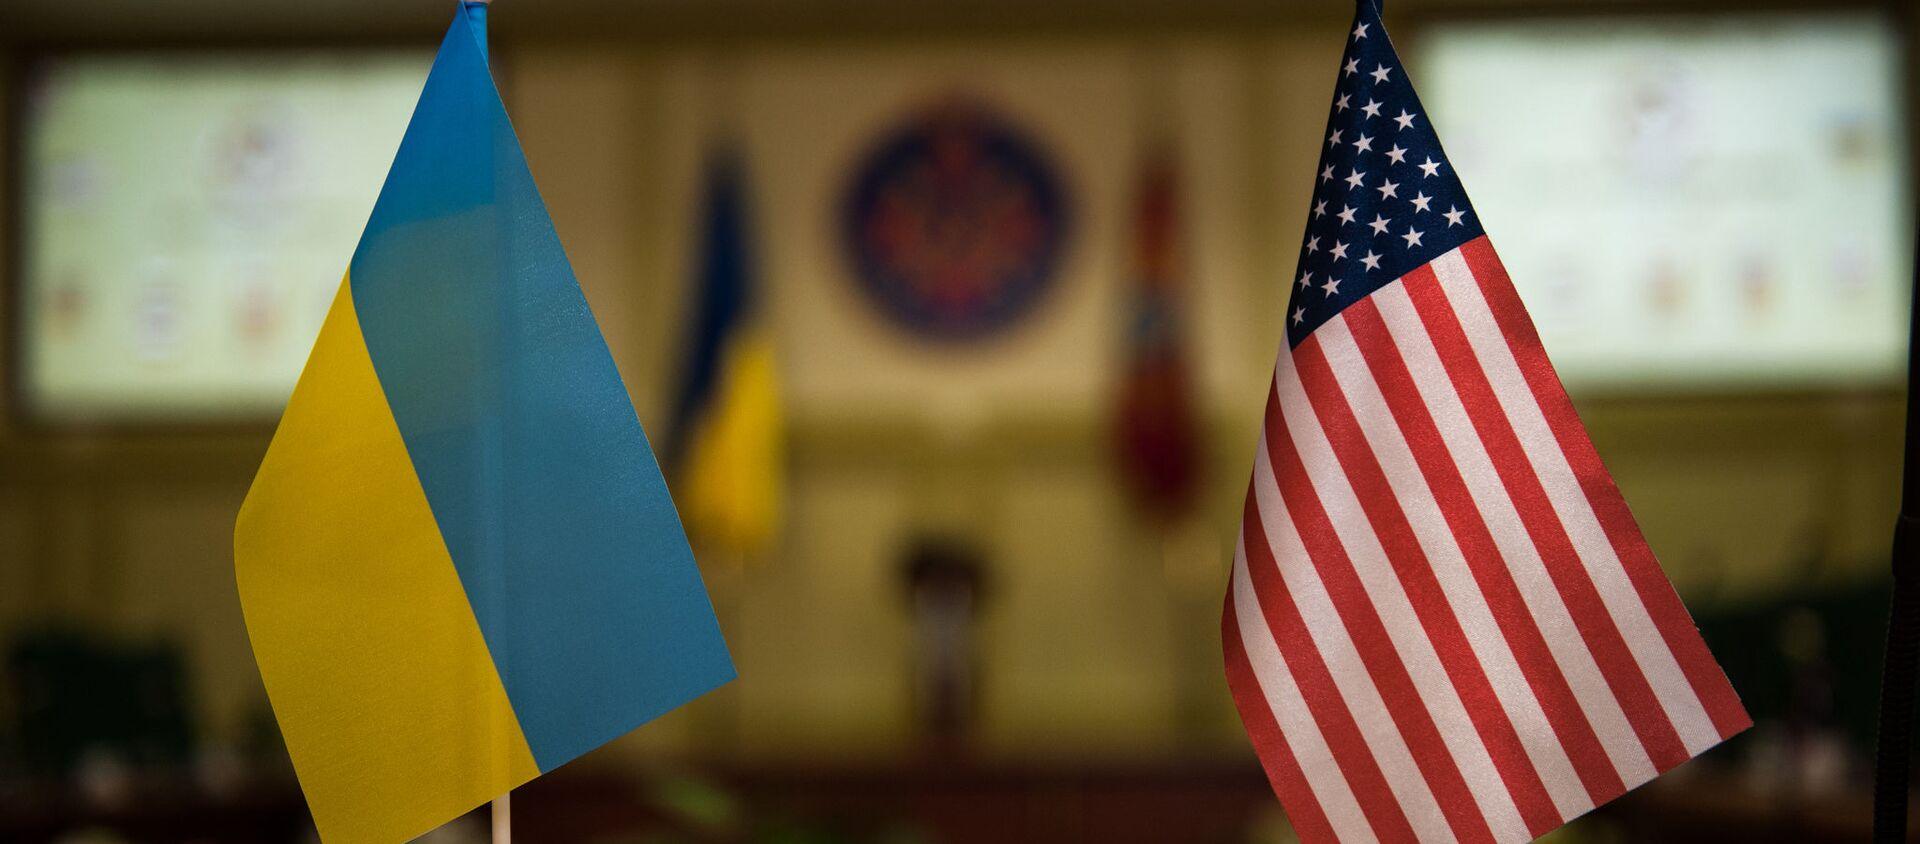 Flagi USA i Ukrainy - Sputnik Polska, 1920, 06.05.2021